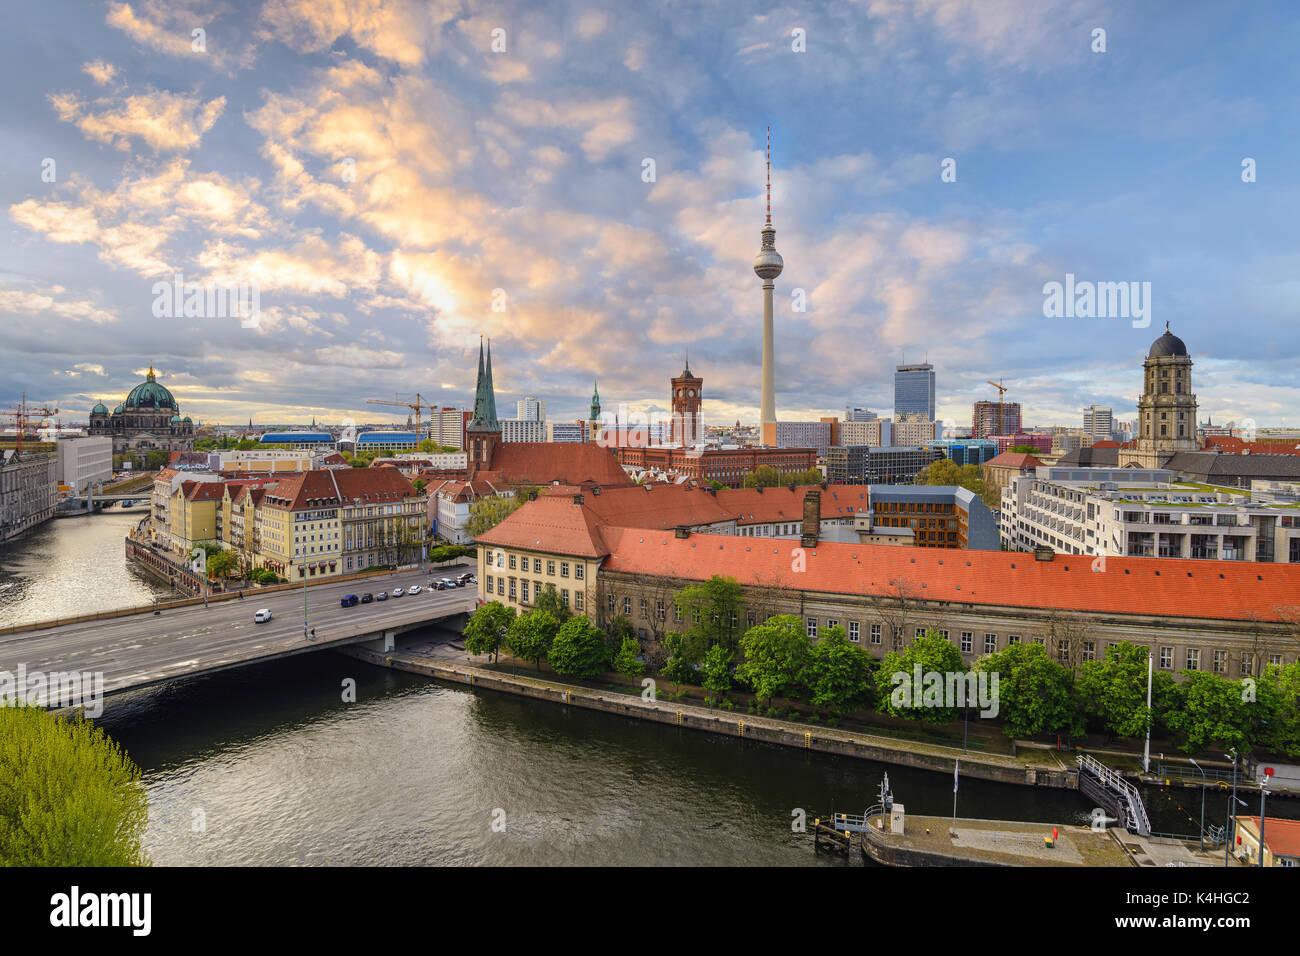 Coucher du soleil sur les toits de la ville de Berlin à la rivière Spree avec de la cathédrale de Berlin, Berlin, Allemagne Photo Stock